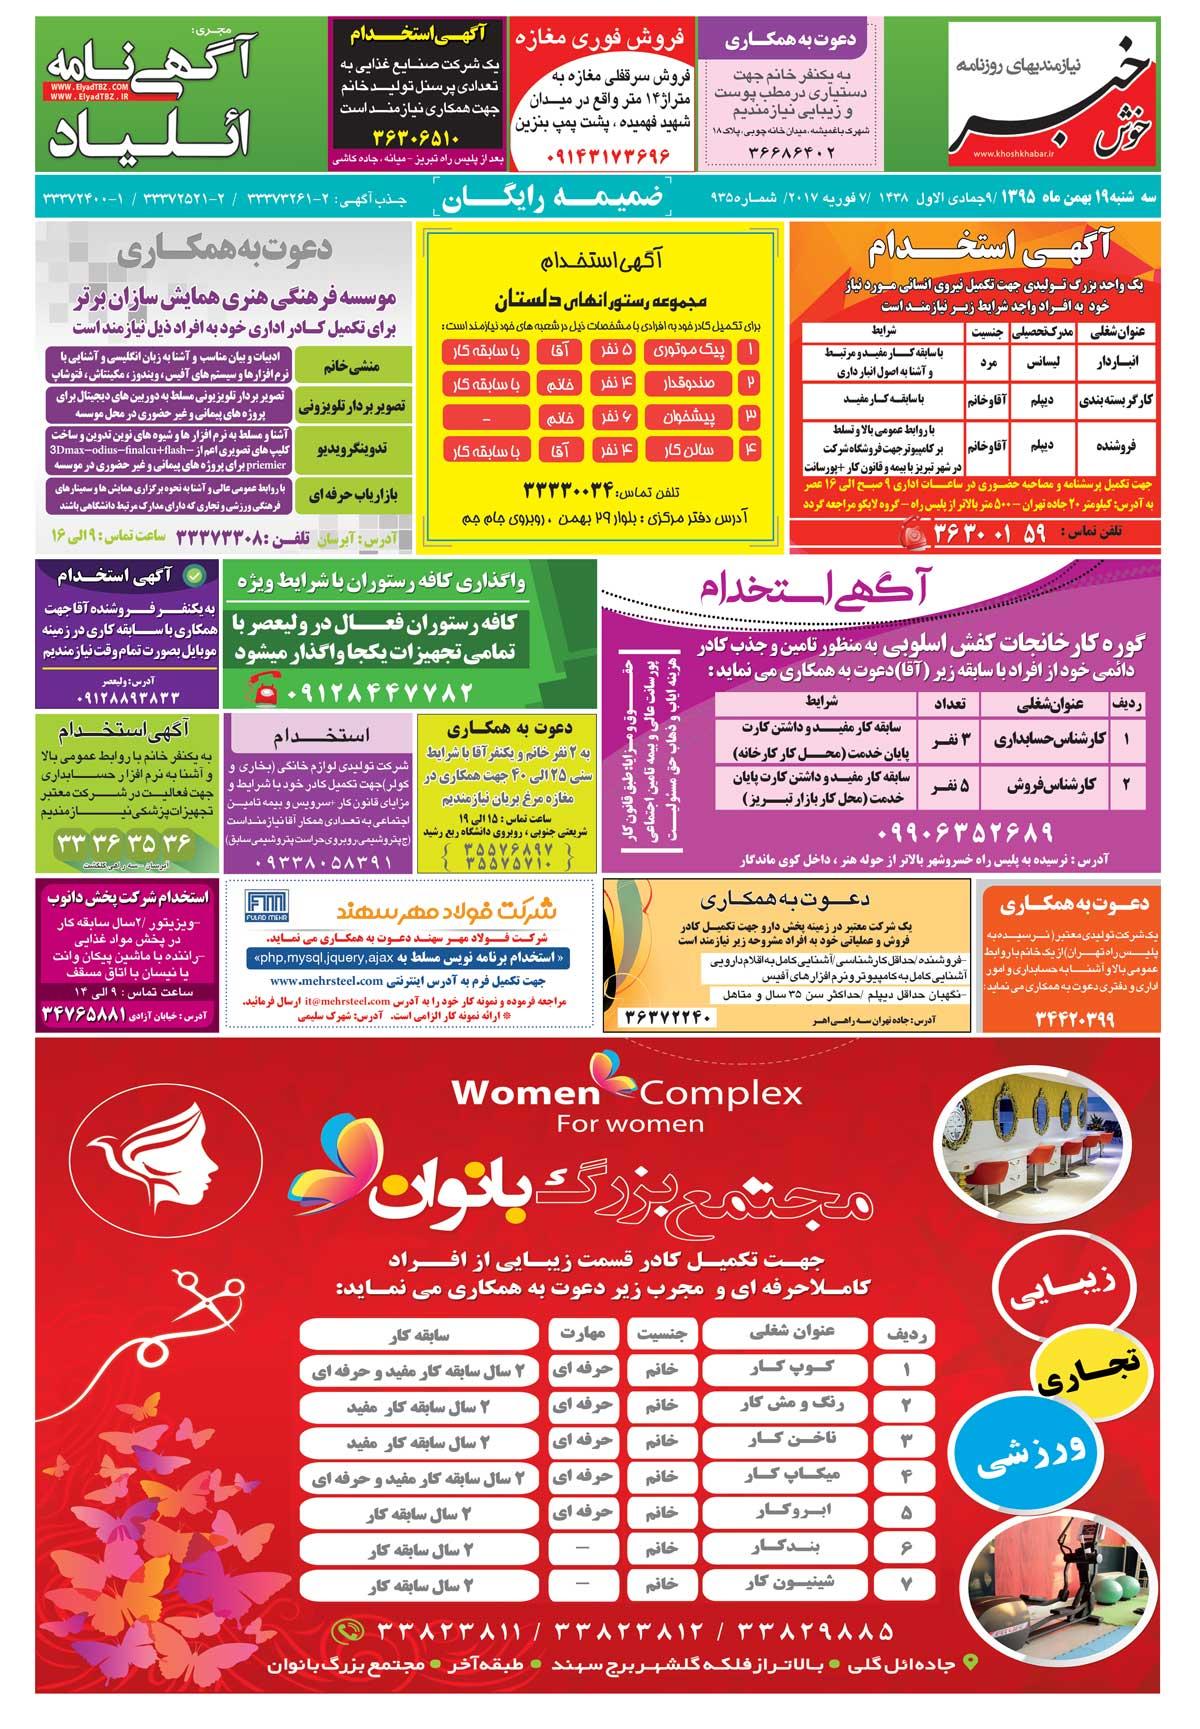 تبلیغات در روزنامه مشهد